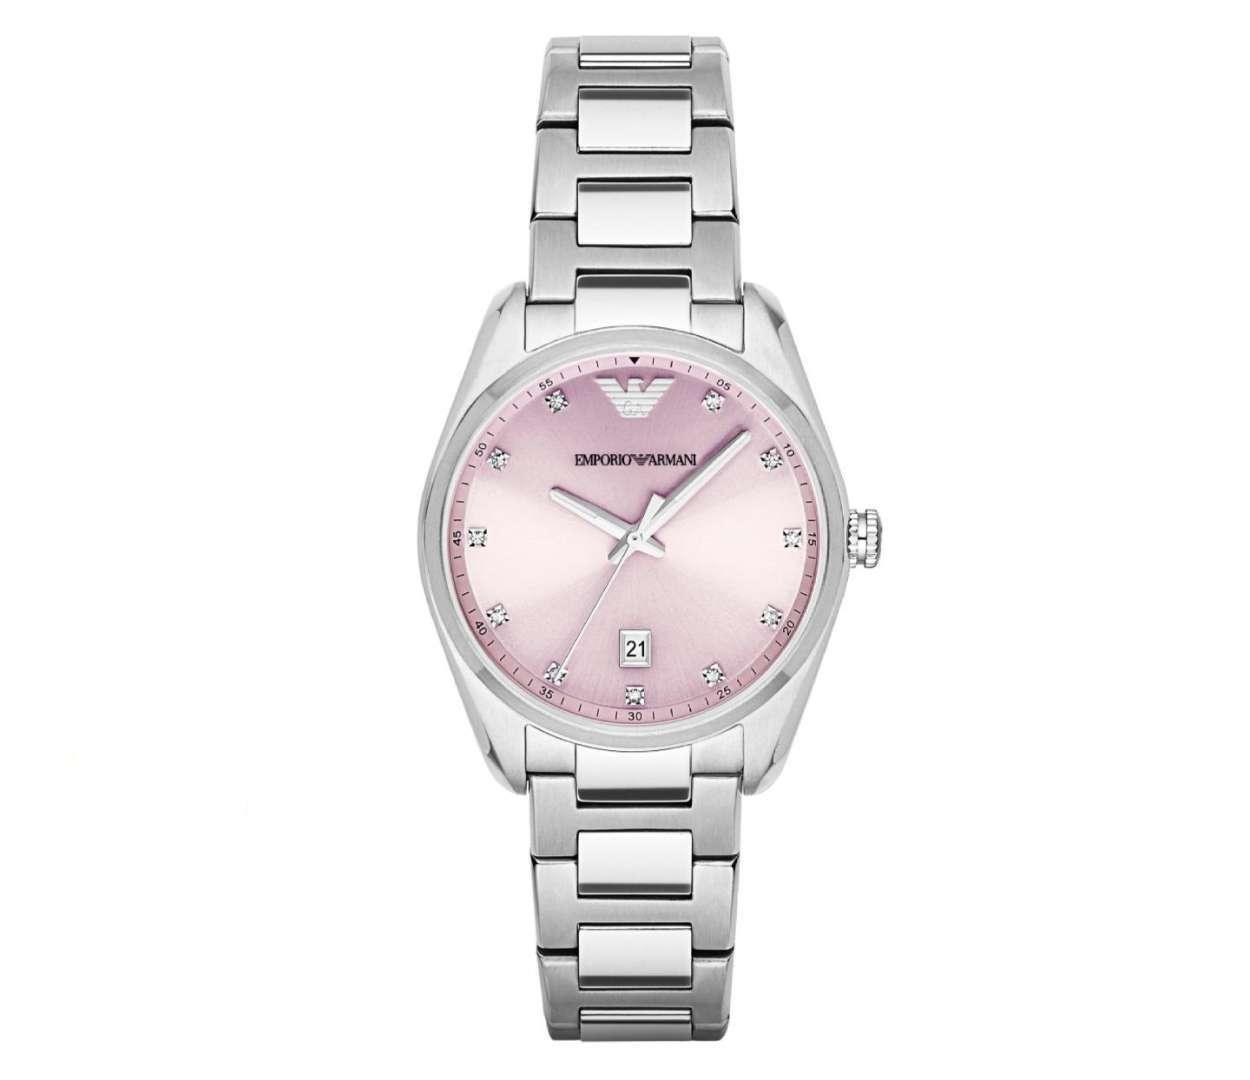 שעון יד אנלוגי לאישה emporio armani ar6063 אמפוריו ארמני